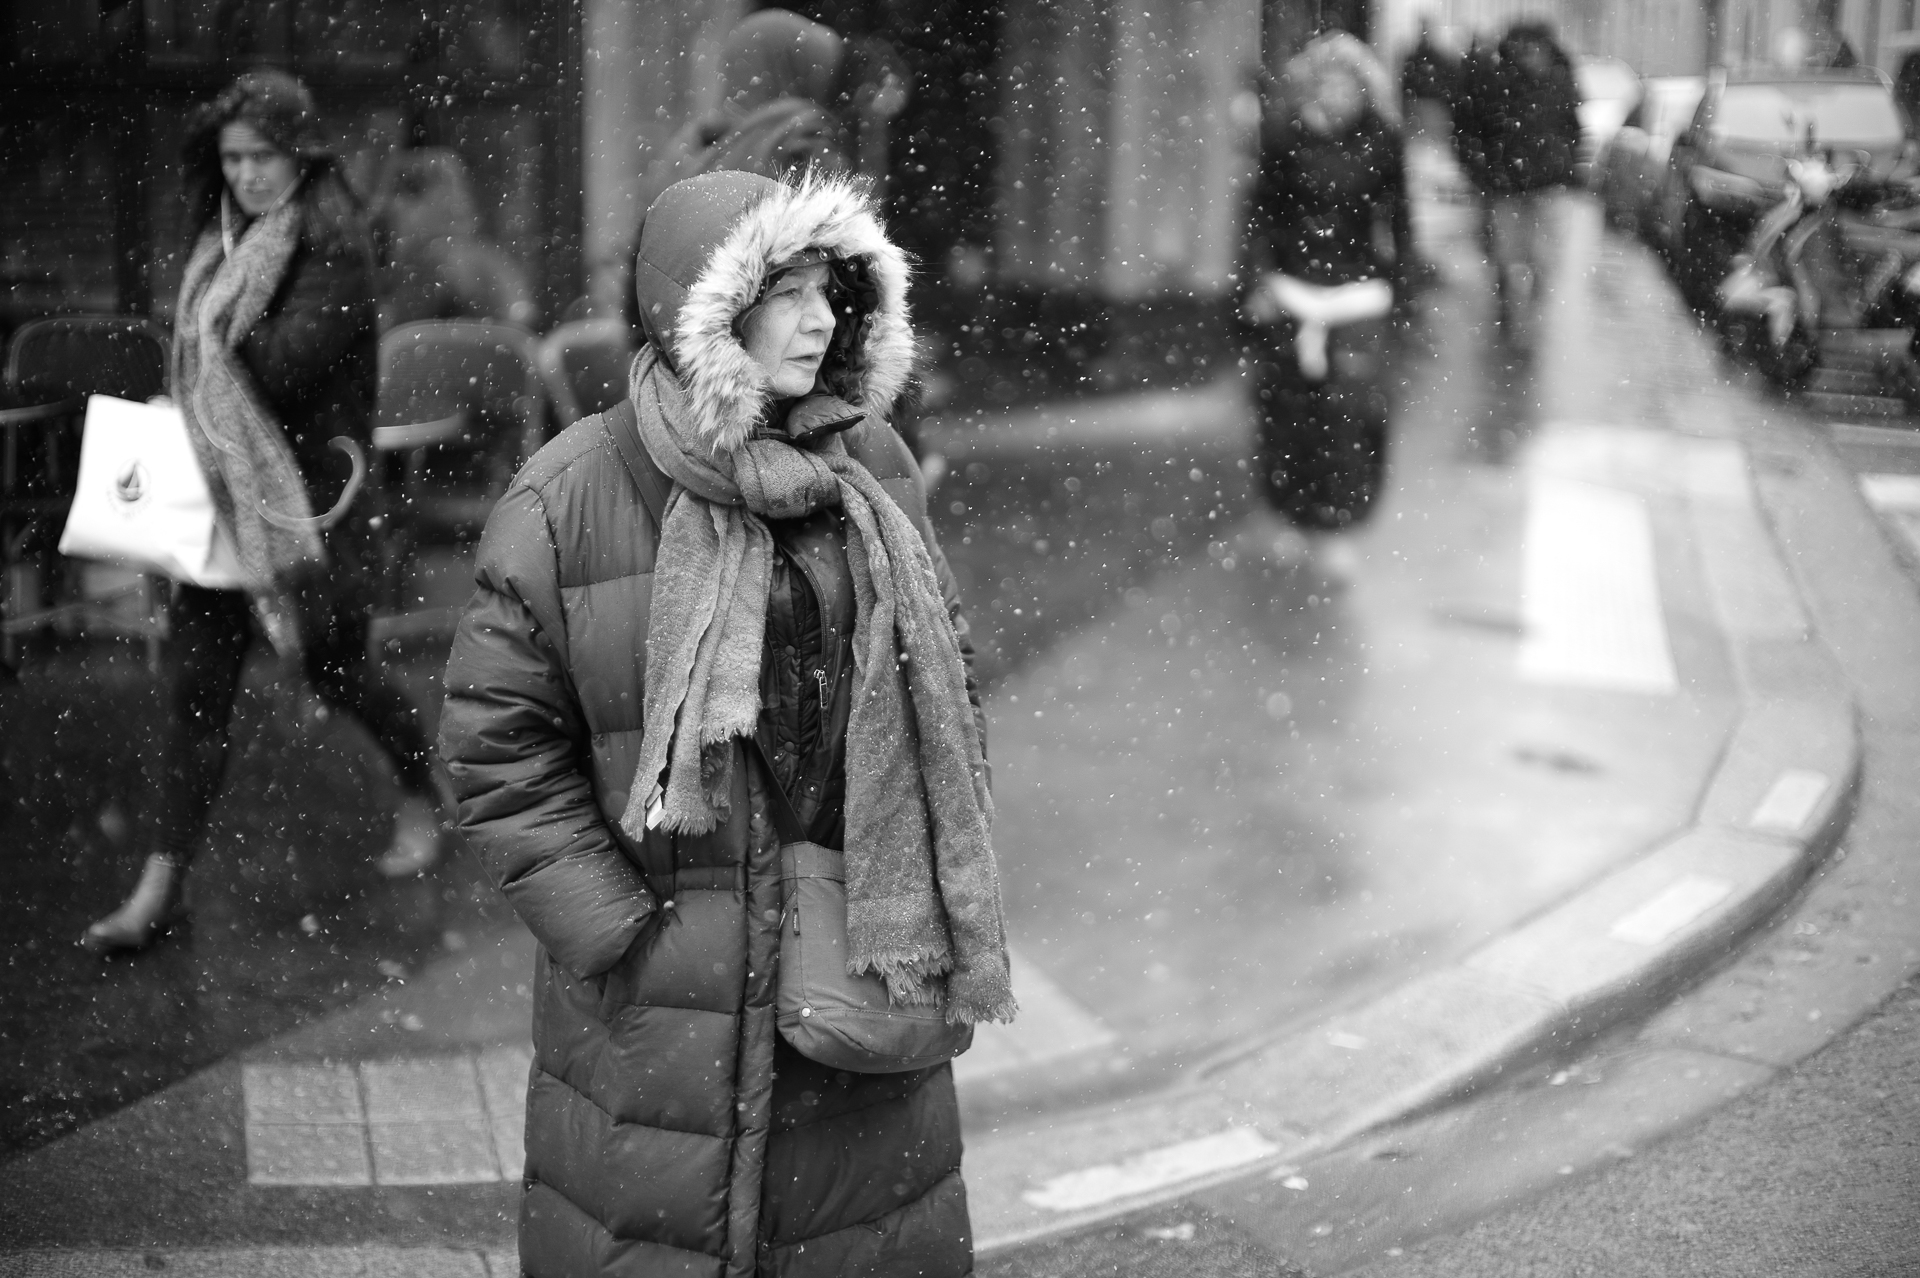 Lady in the snow in Saint-Germain-des-Prés